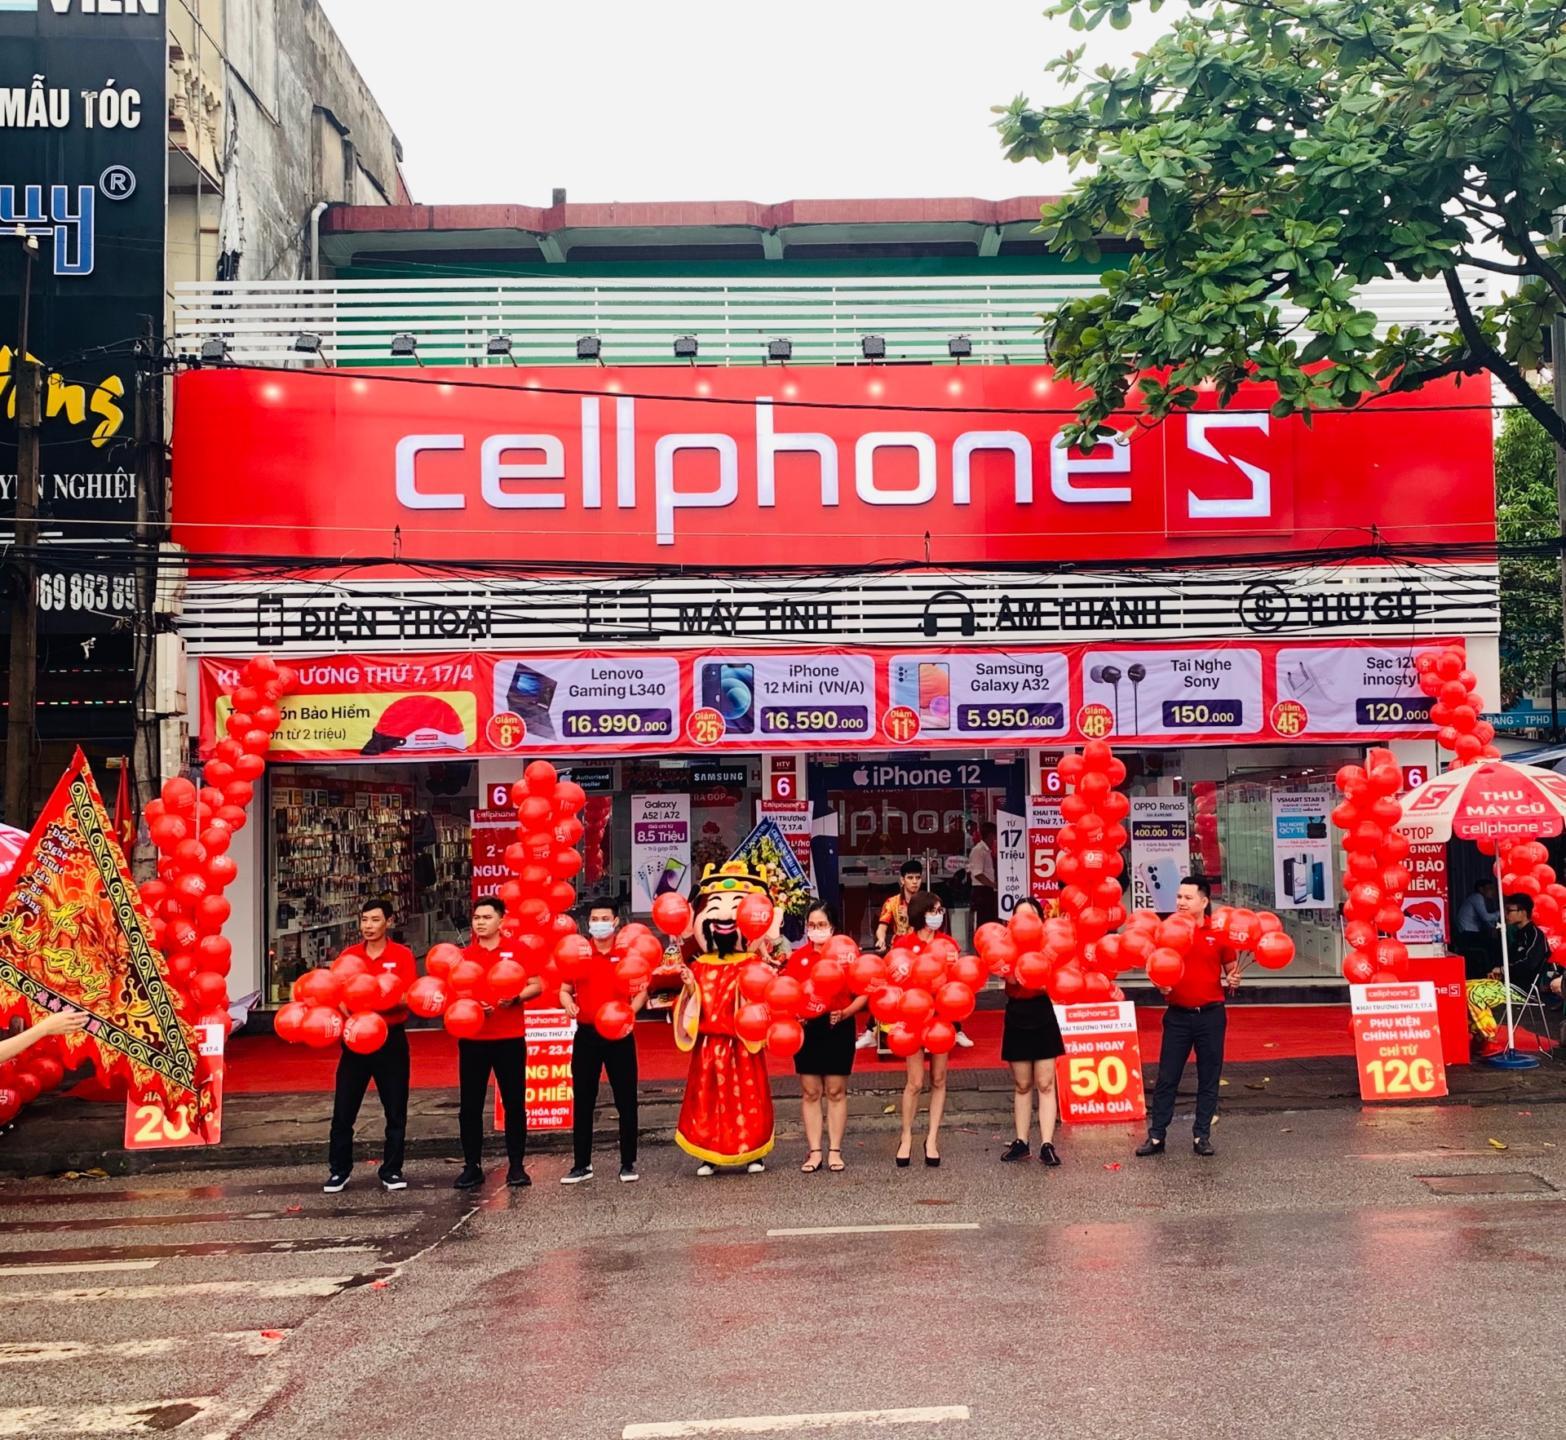 CellphoneS mở thêm cửa hàng mới tại Hải Dương